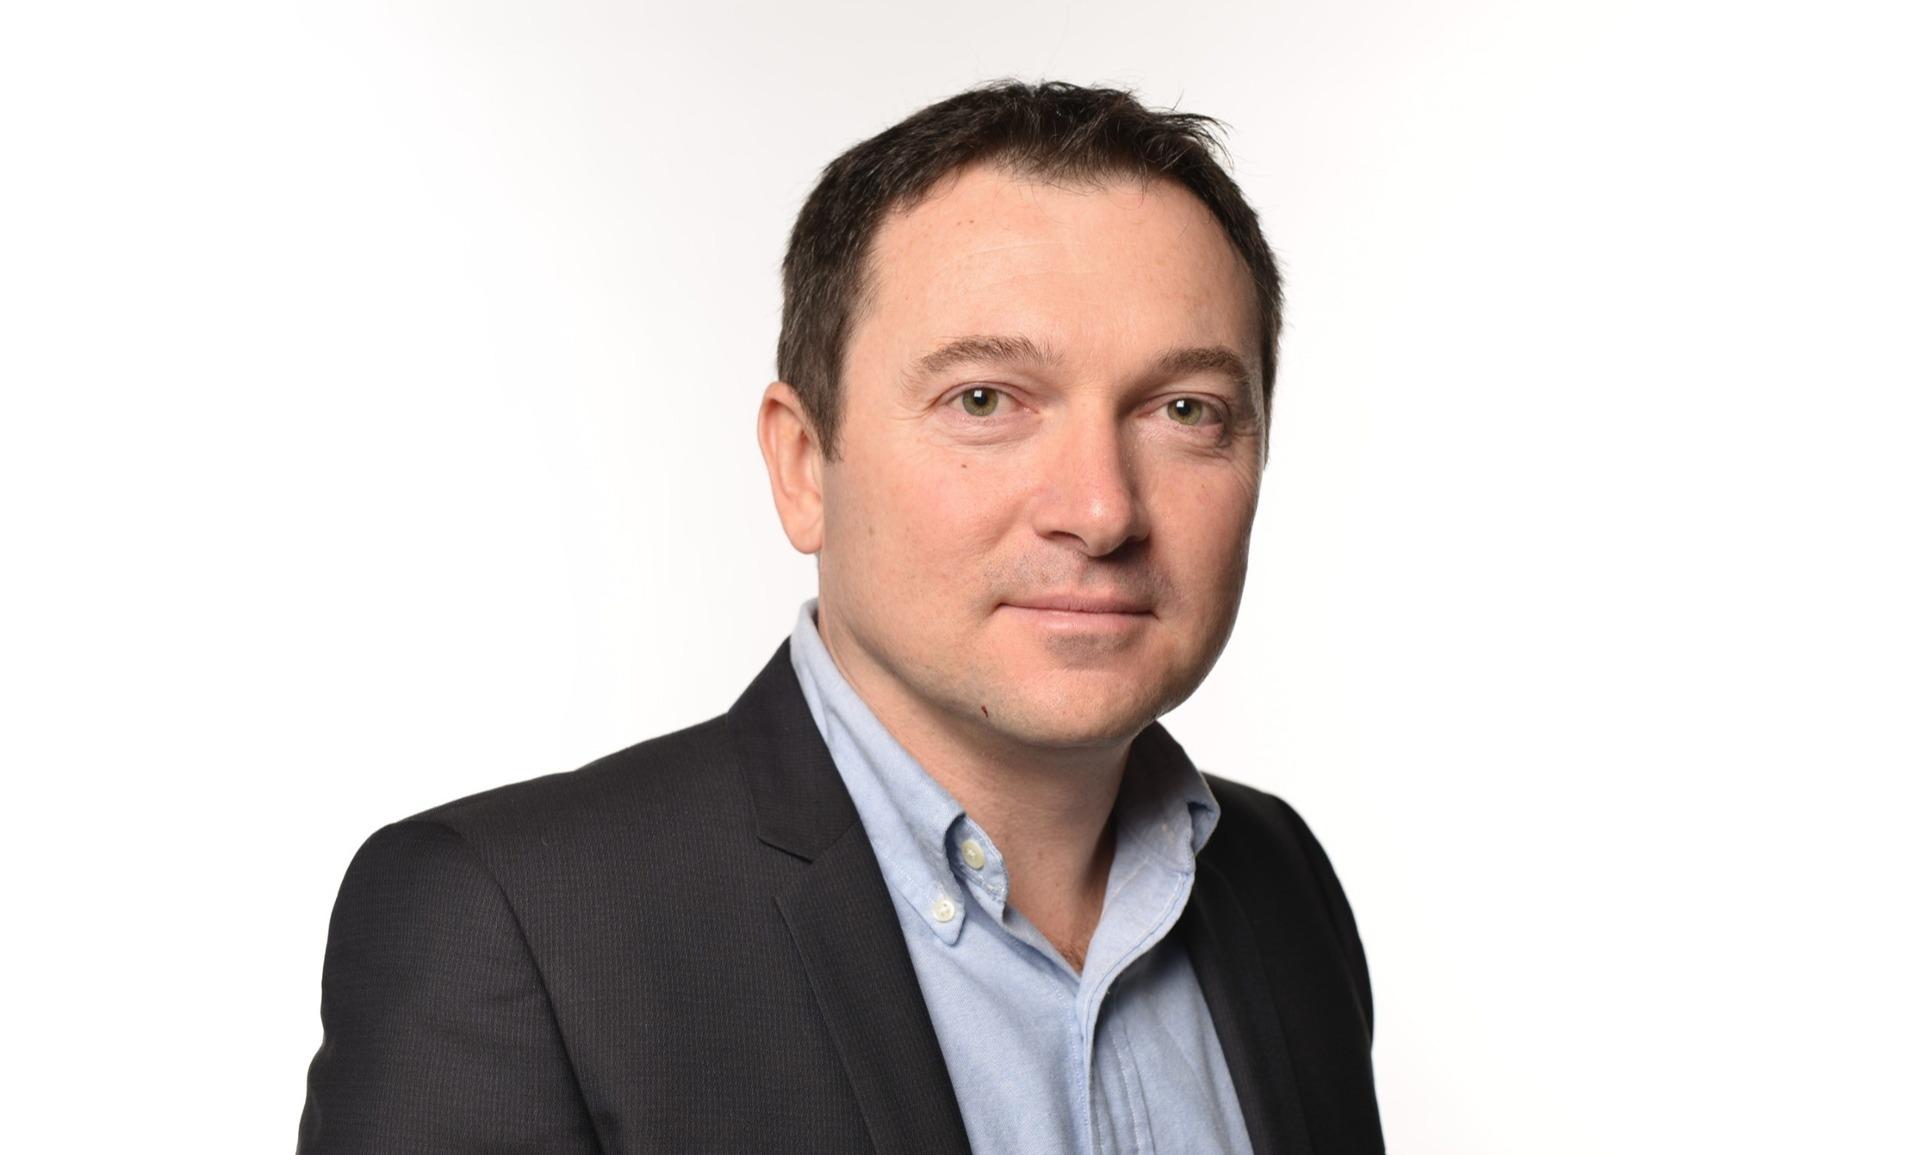 Frédéric Alran ist neuer Country Manager von Workday in der Schweiz_cmm360